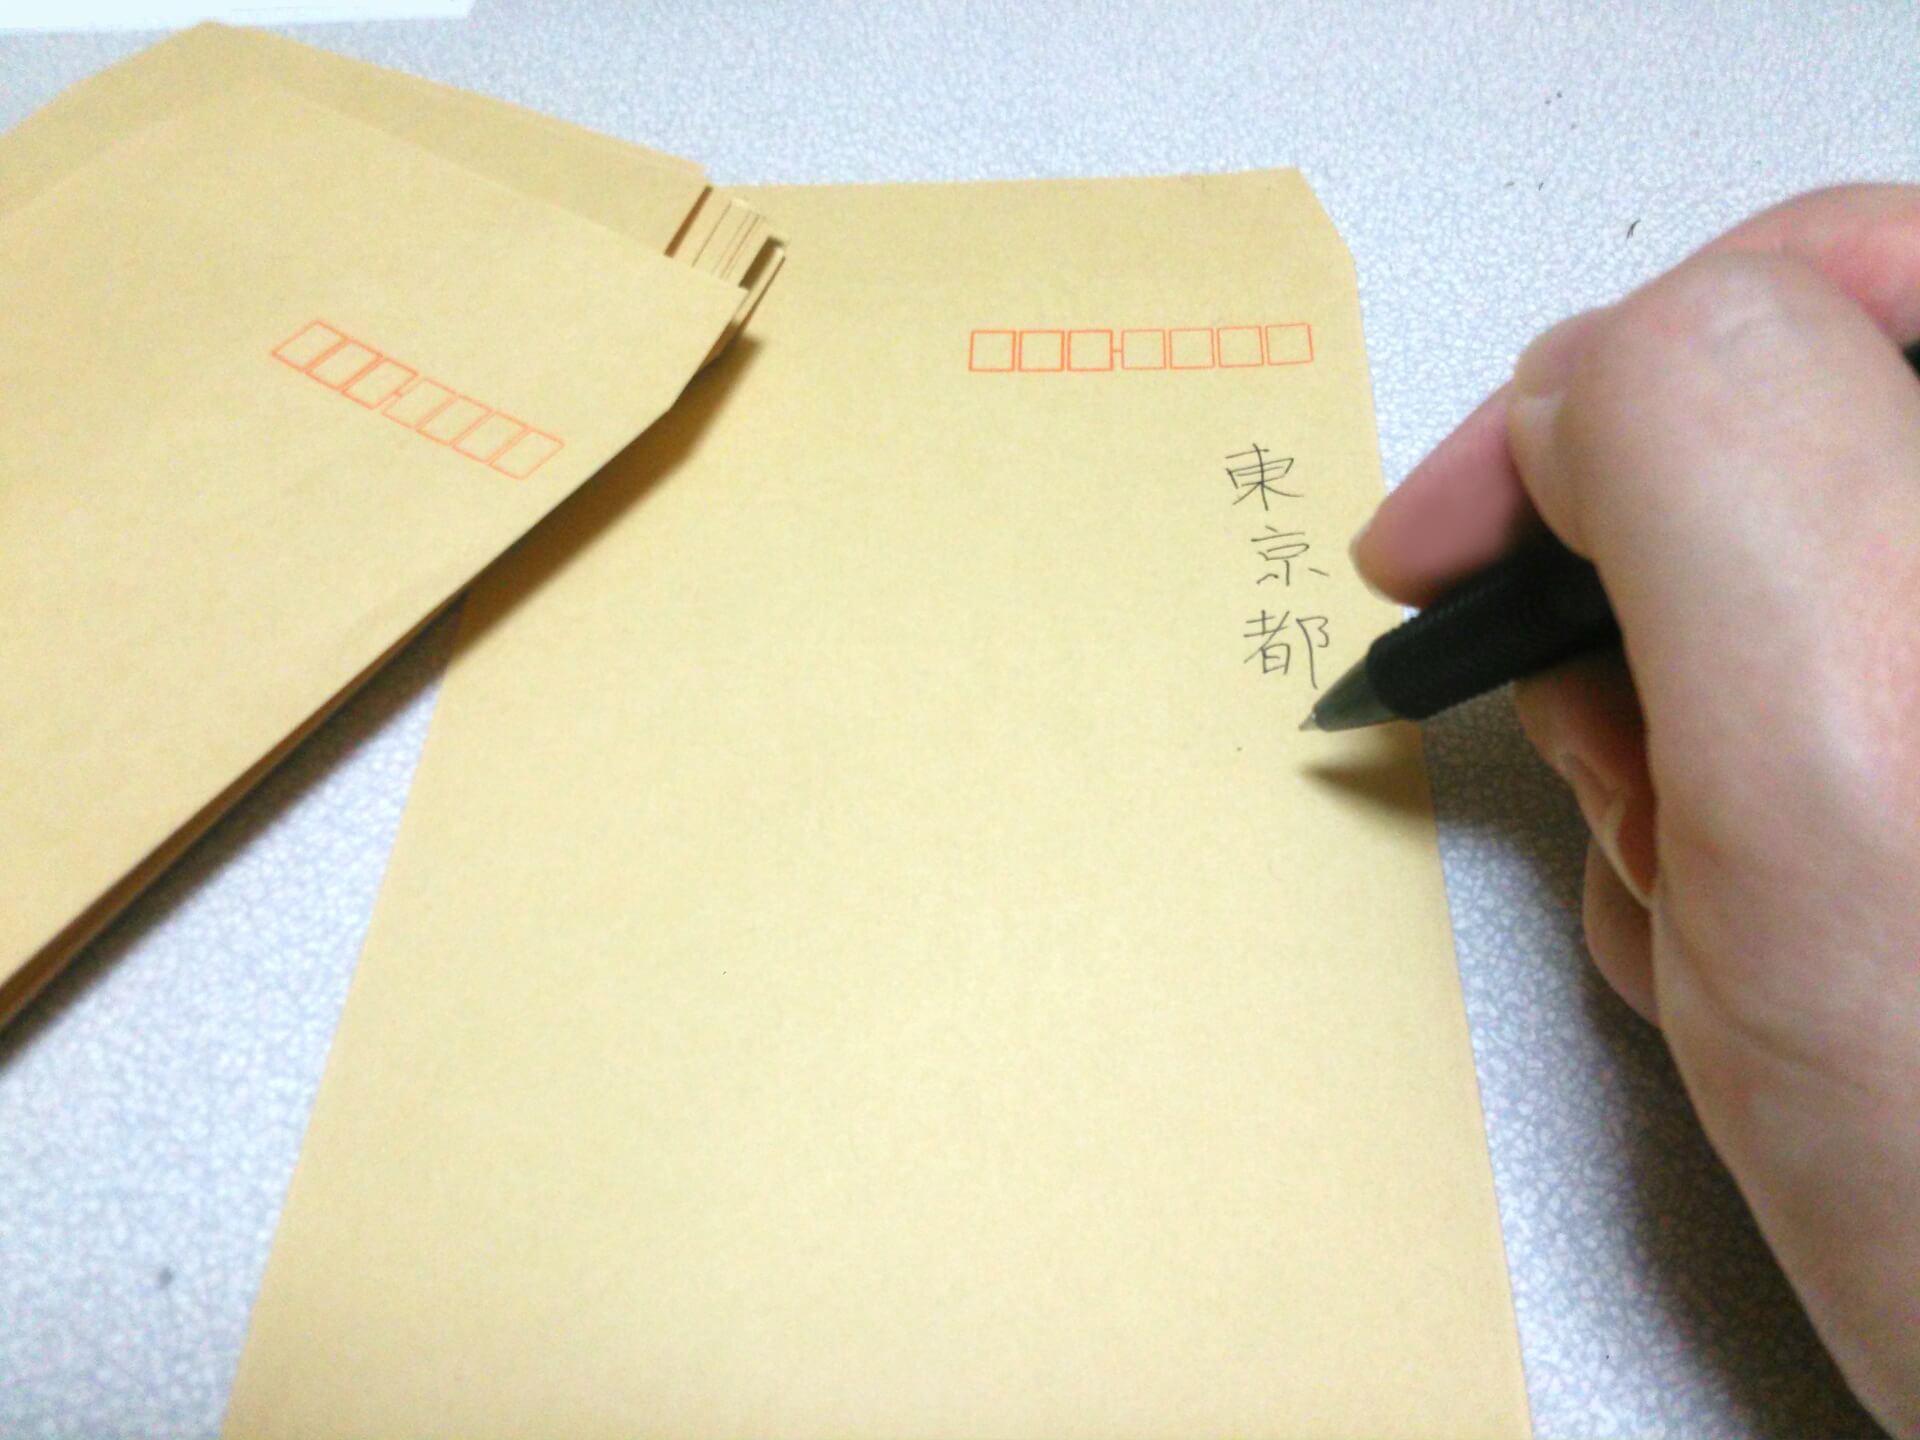 手書きで漢字を上手に書く方法は?